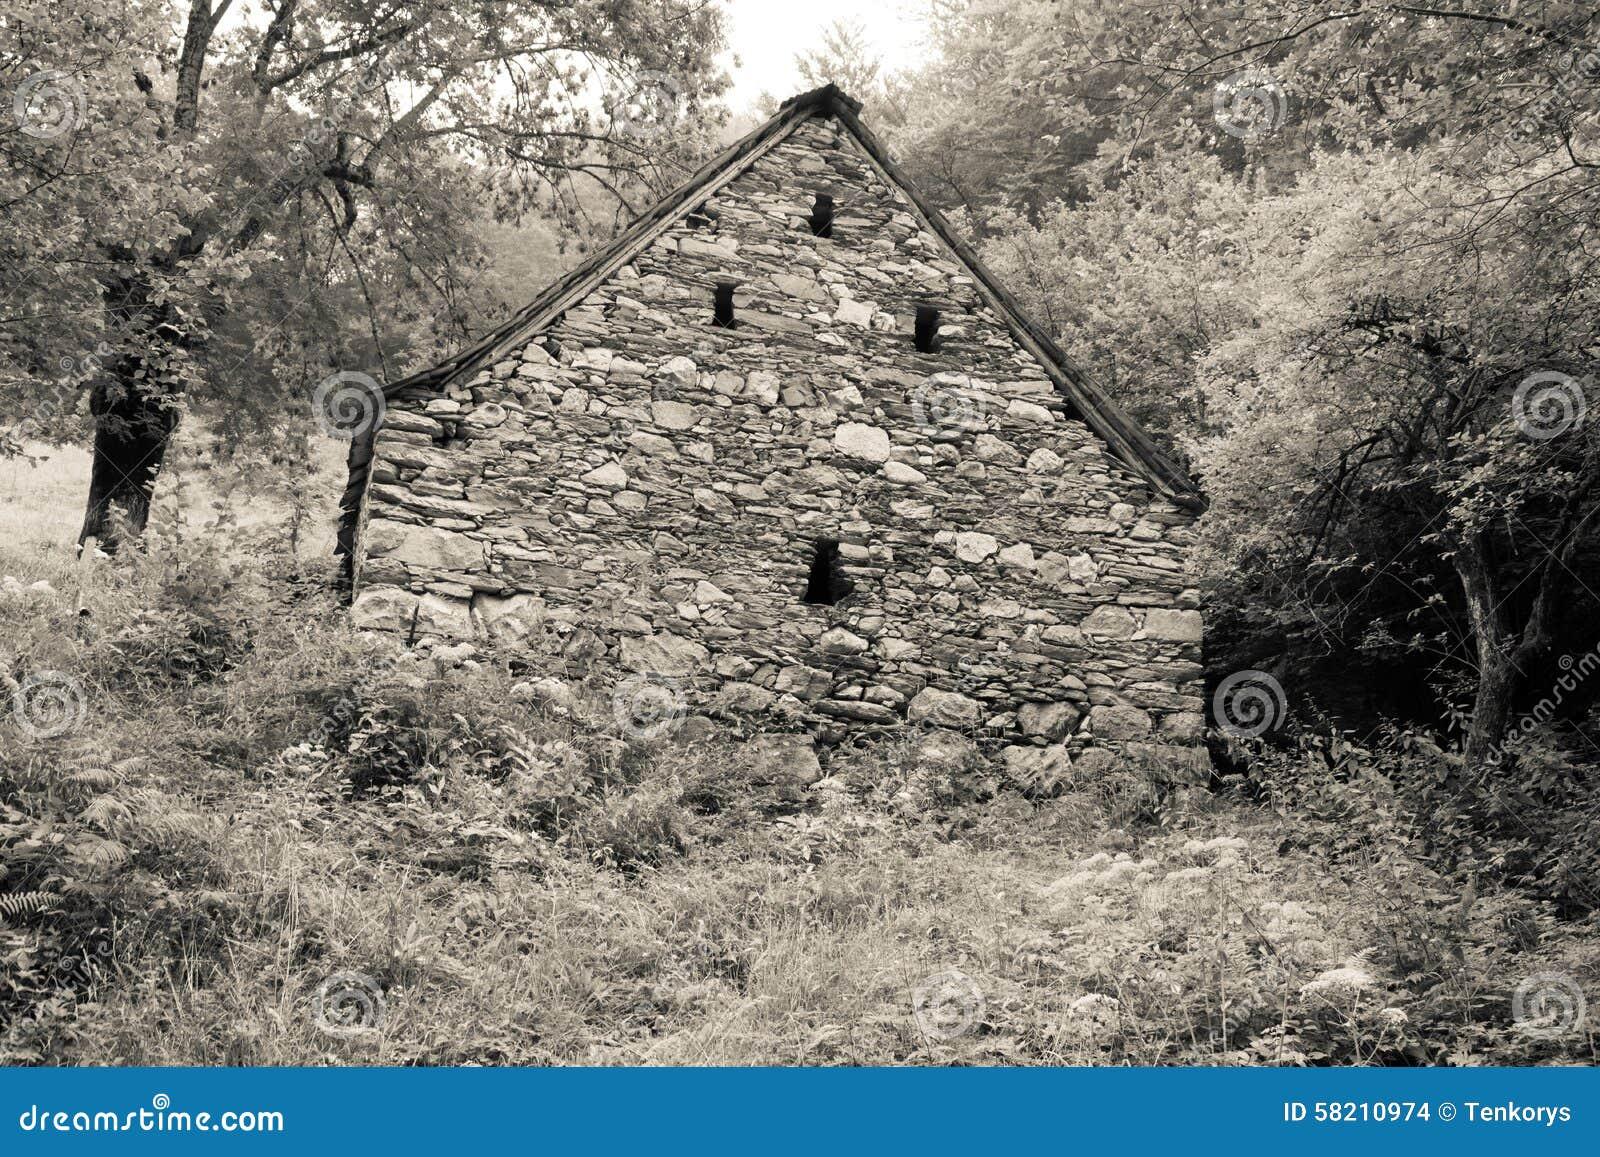 Vieille maison construite de la pierre dans le paysage for Maison la pierre